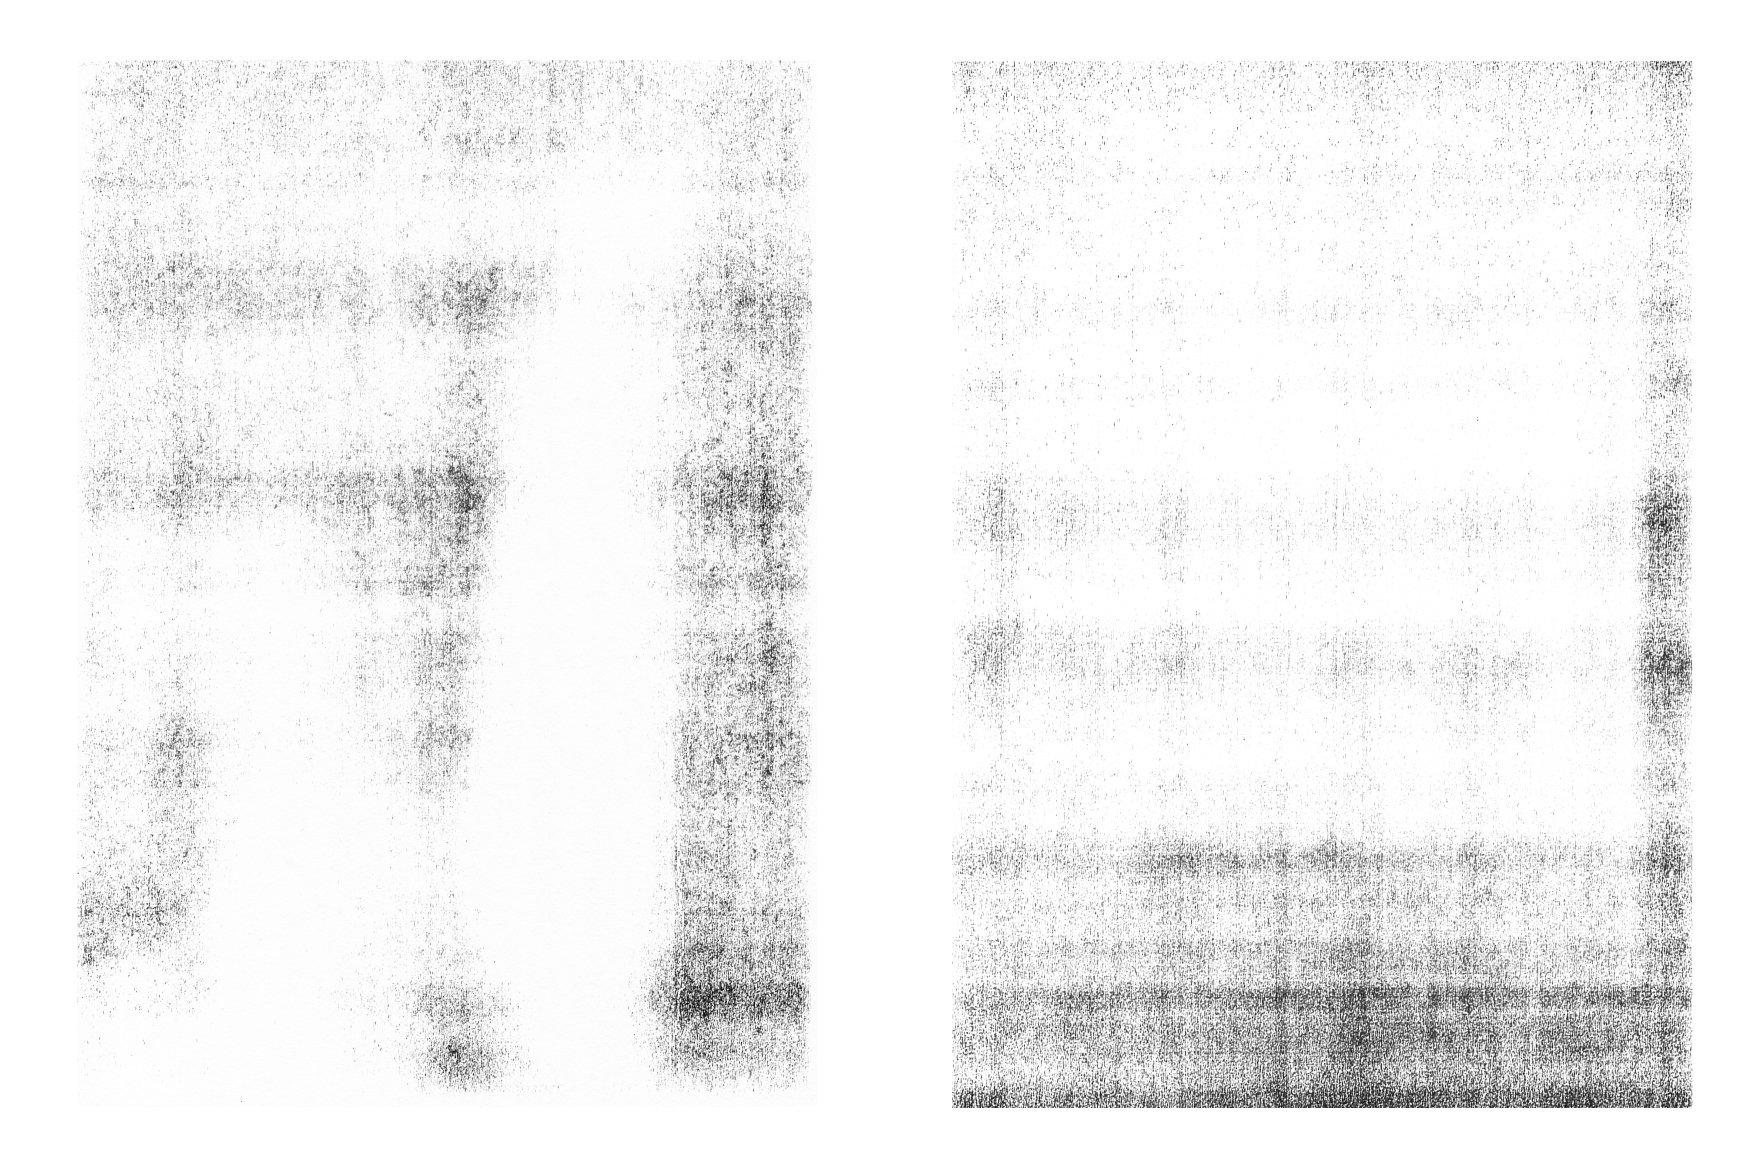 156款复古做旧折痕磨损褶皱纸张背景纹理素材合集 The Grunge Texture Bundle Vol. 1插图(75)